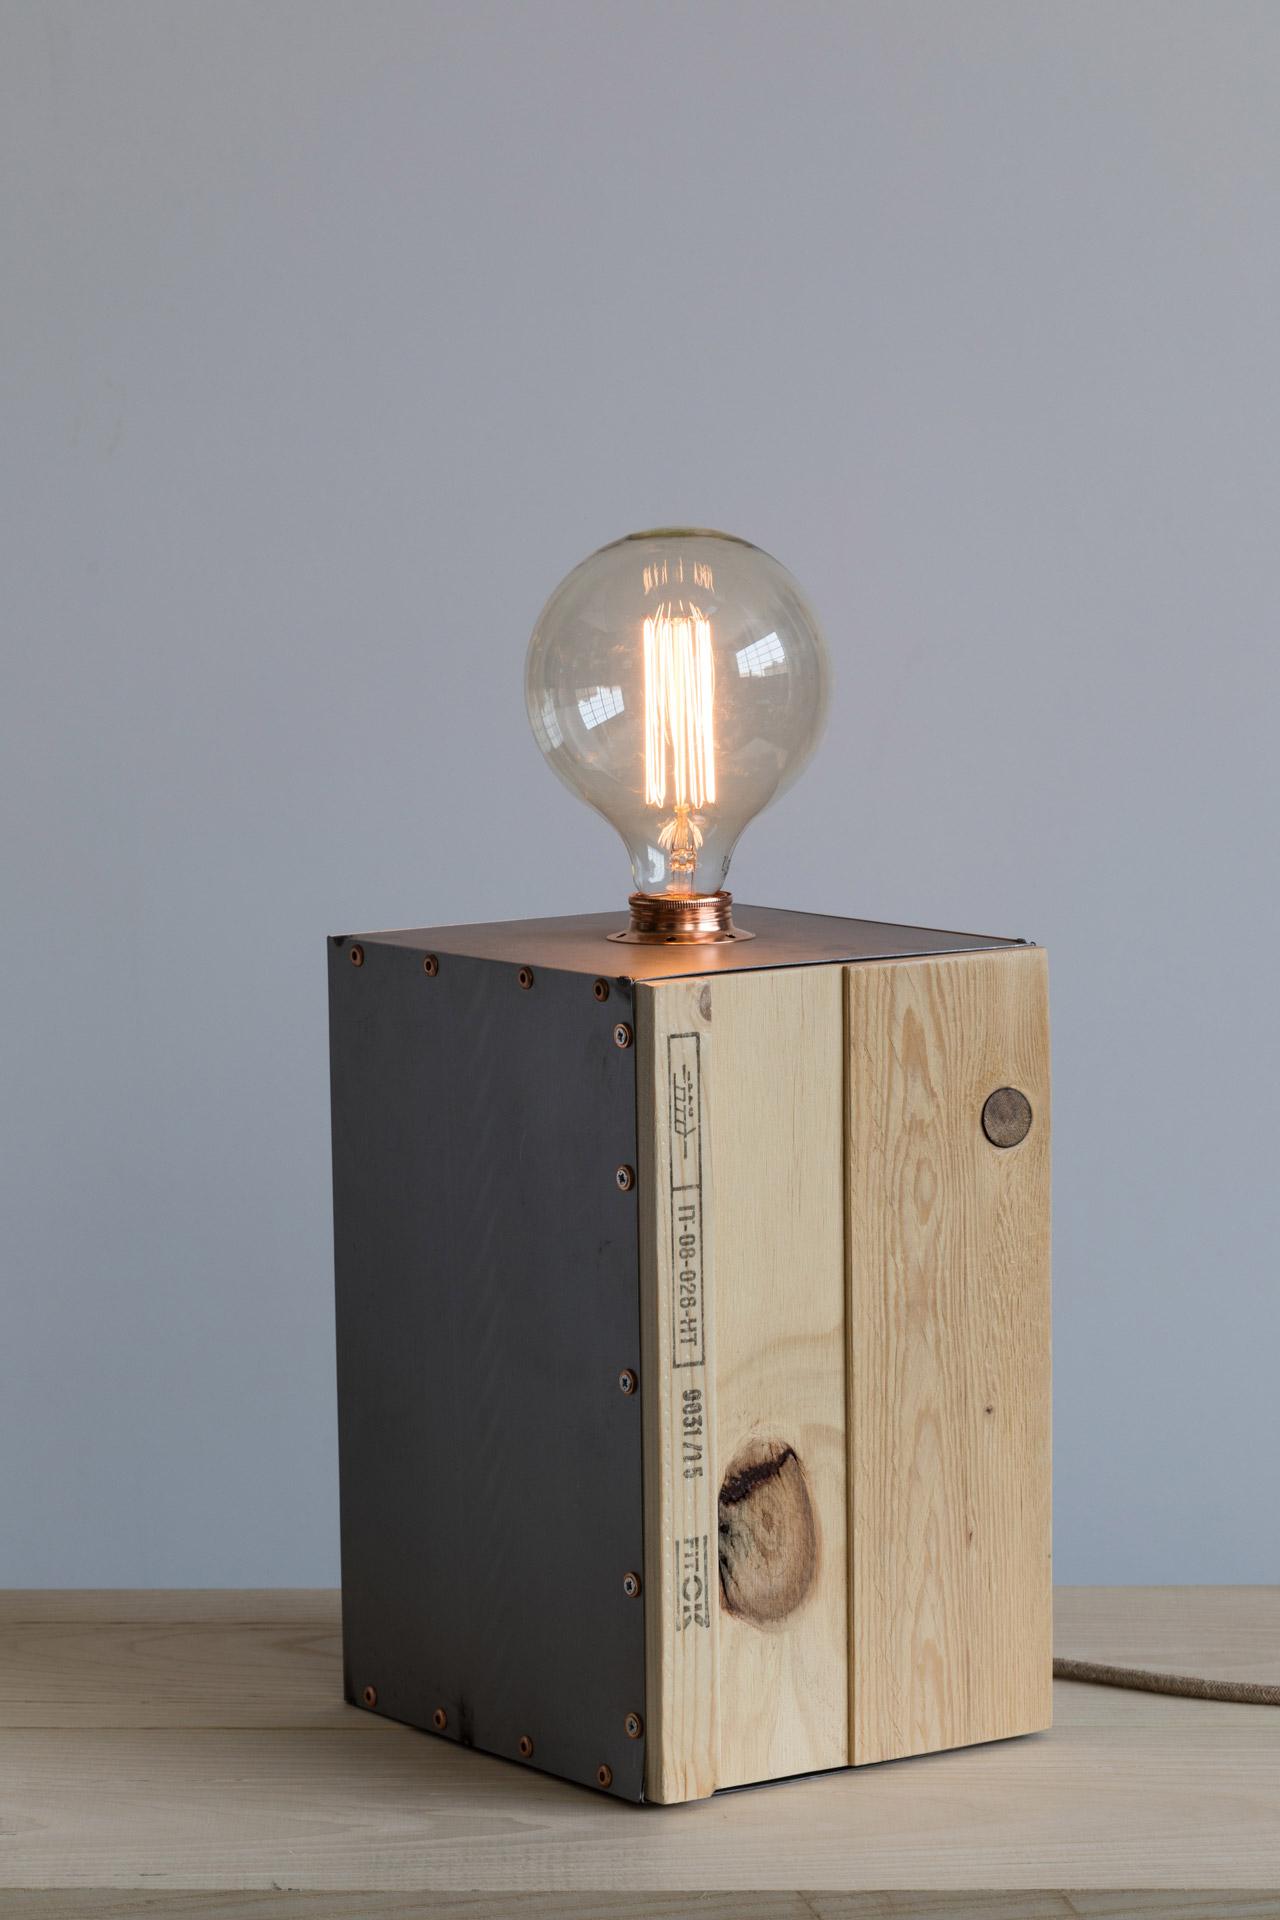 Lampada da tavolo Parallelepipedo illuminato evoluto, legno ferro e rame 220v E27